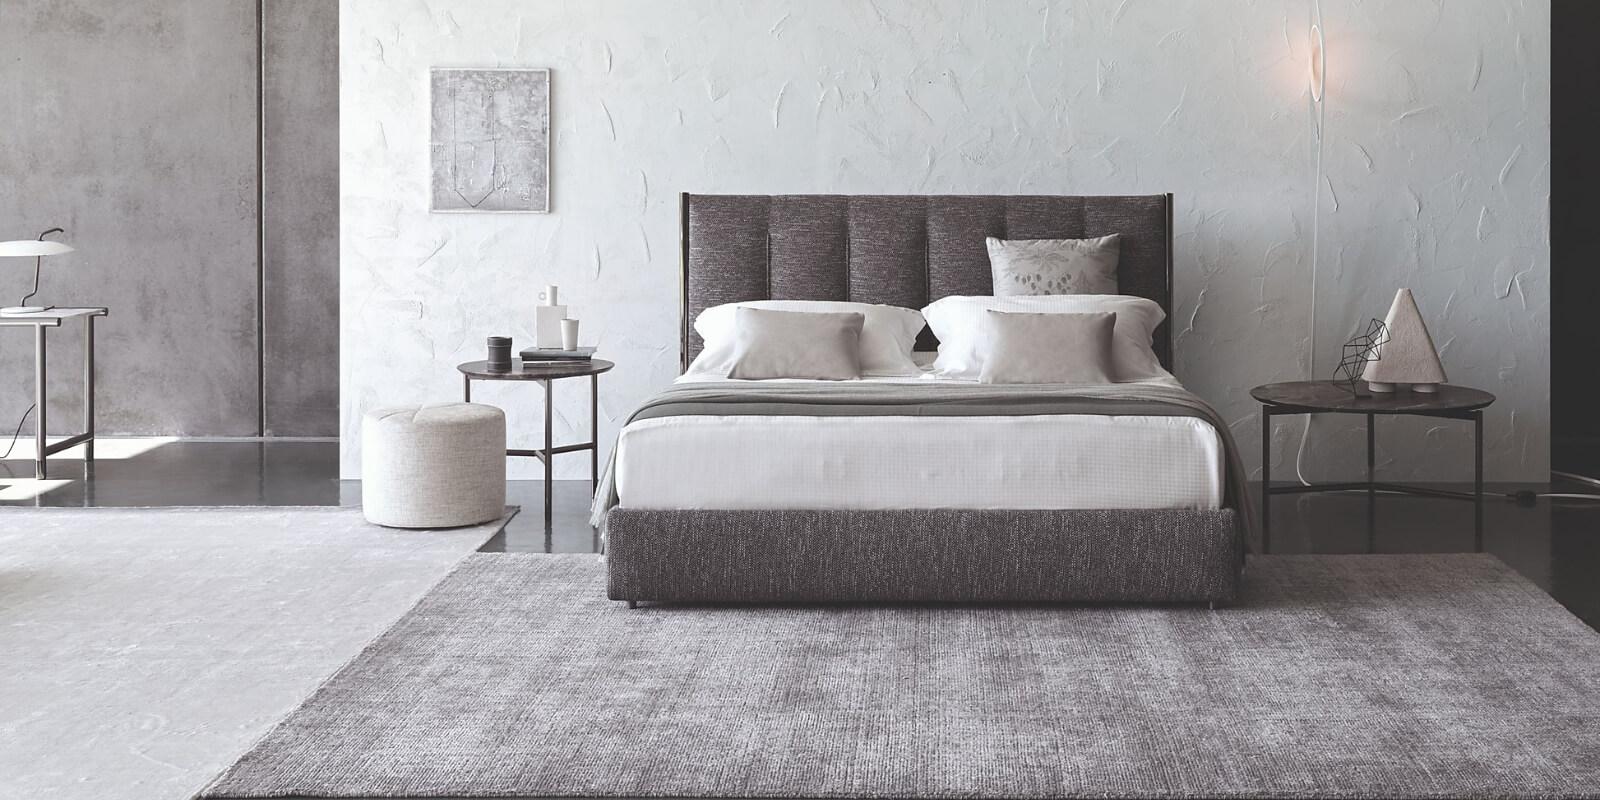 Tappeto moderno in scala di grigio